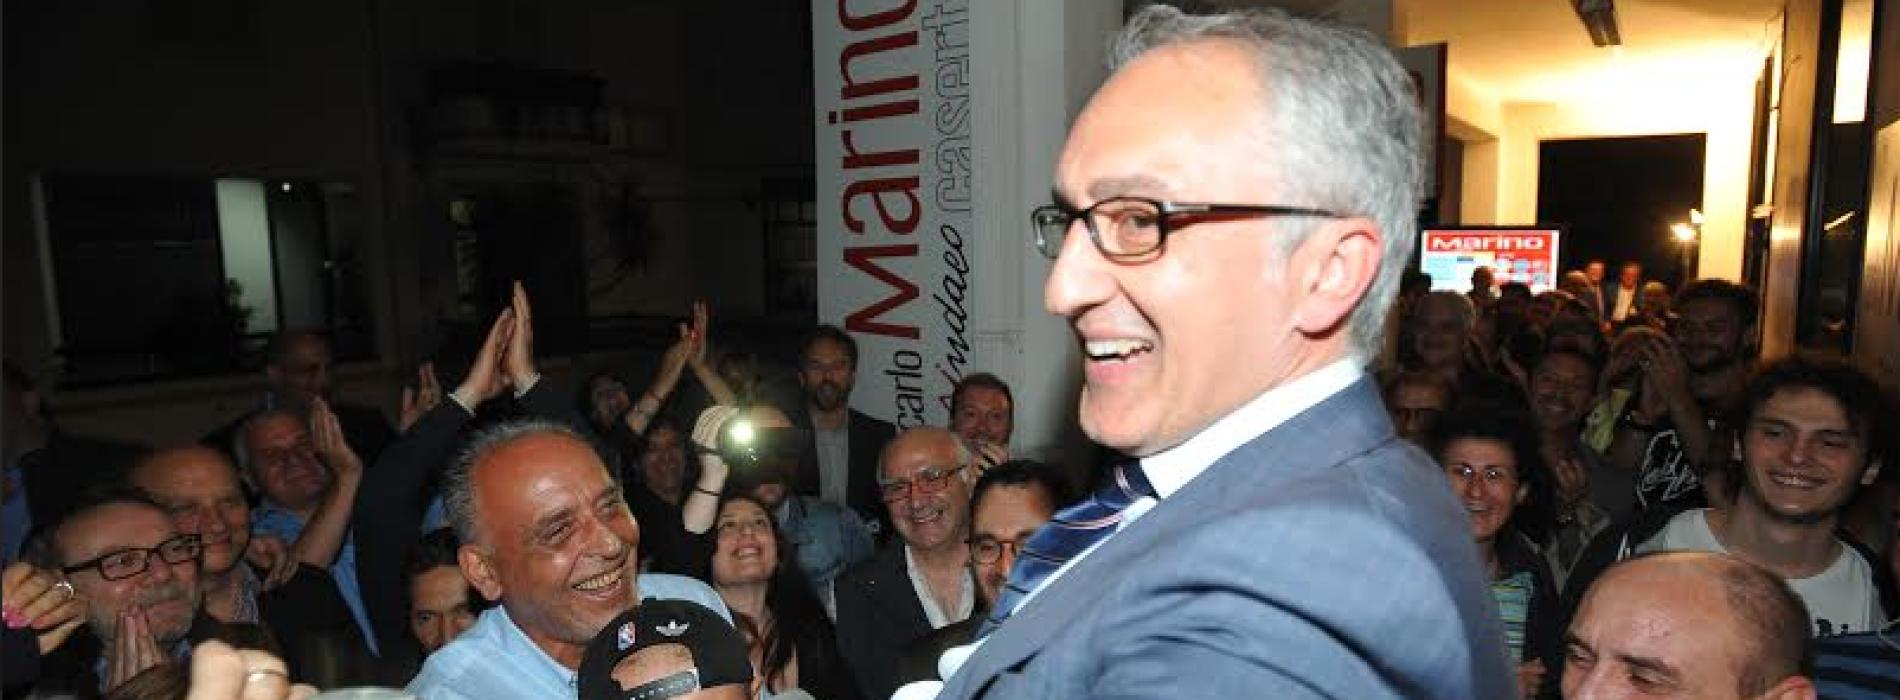 """Carlo Marino è sindaco di Caserta. """"Provo una gioia indescrivibile"""""""